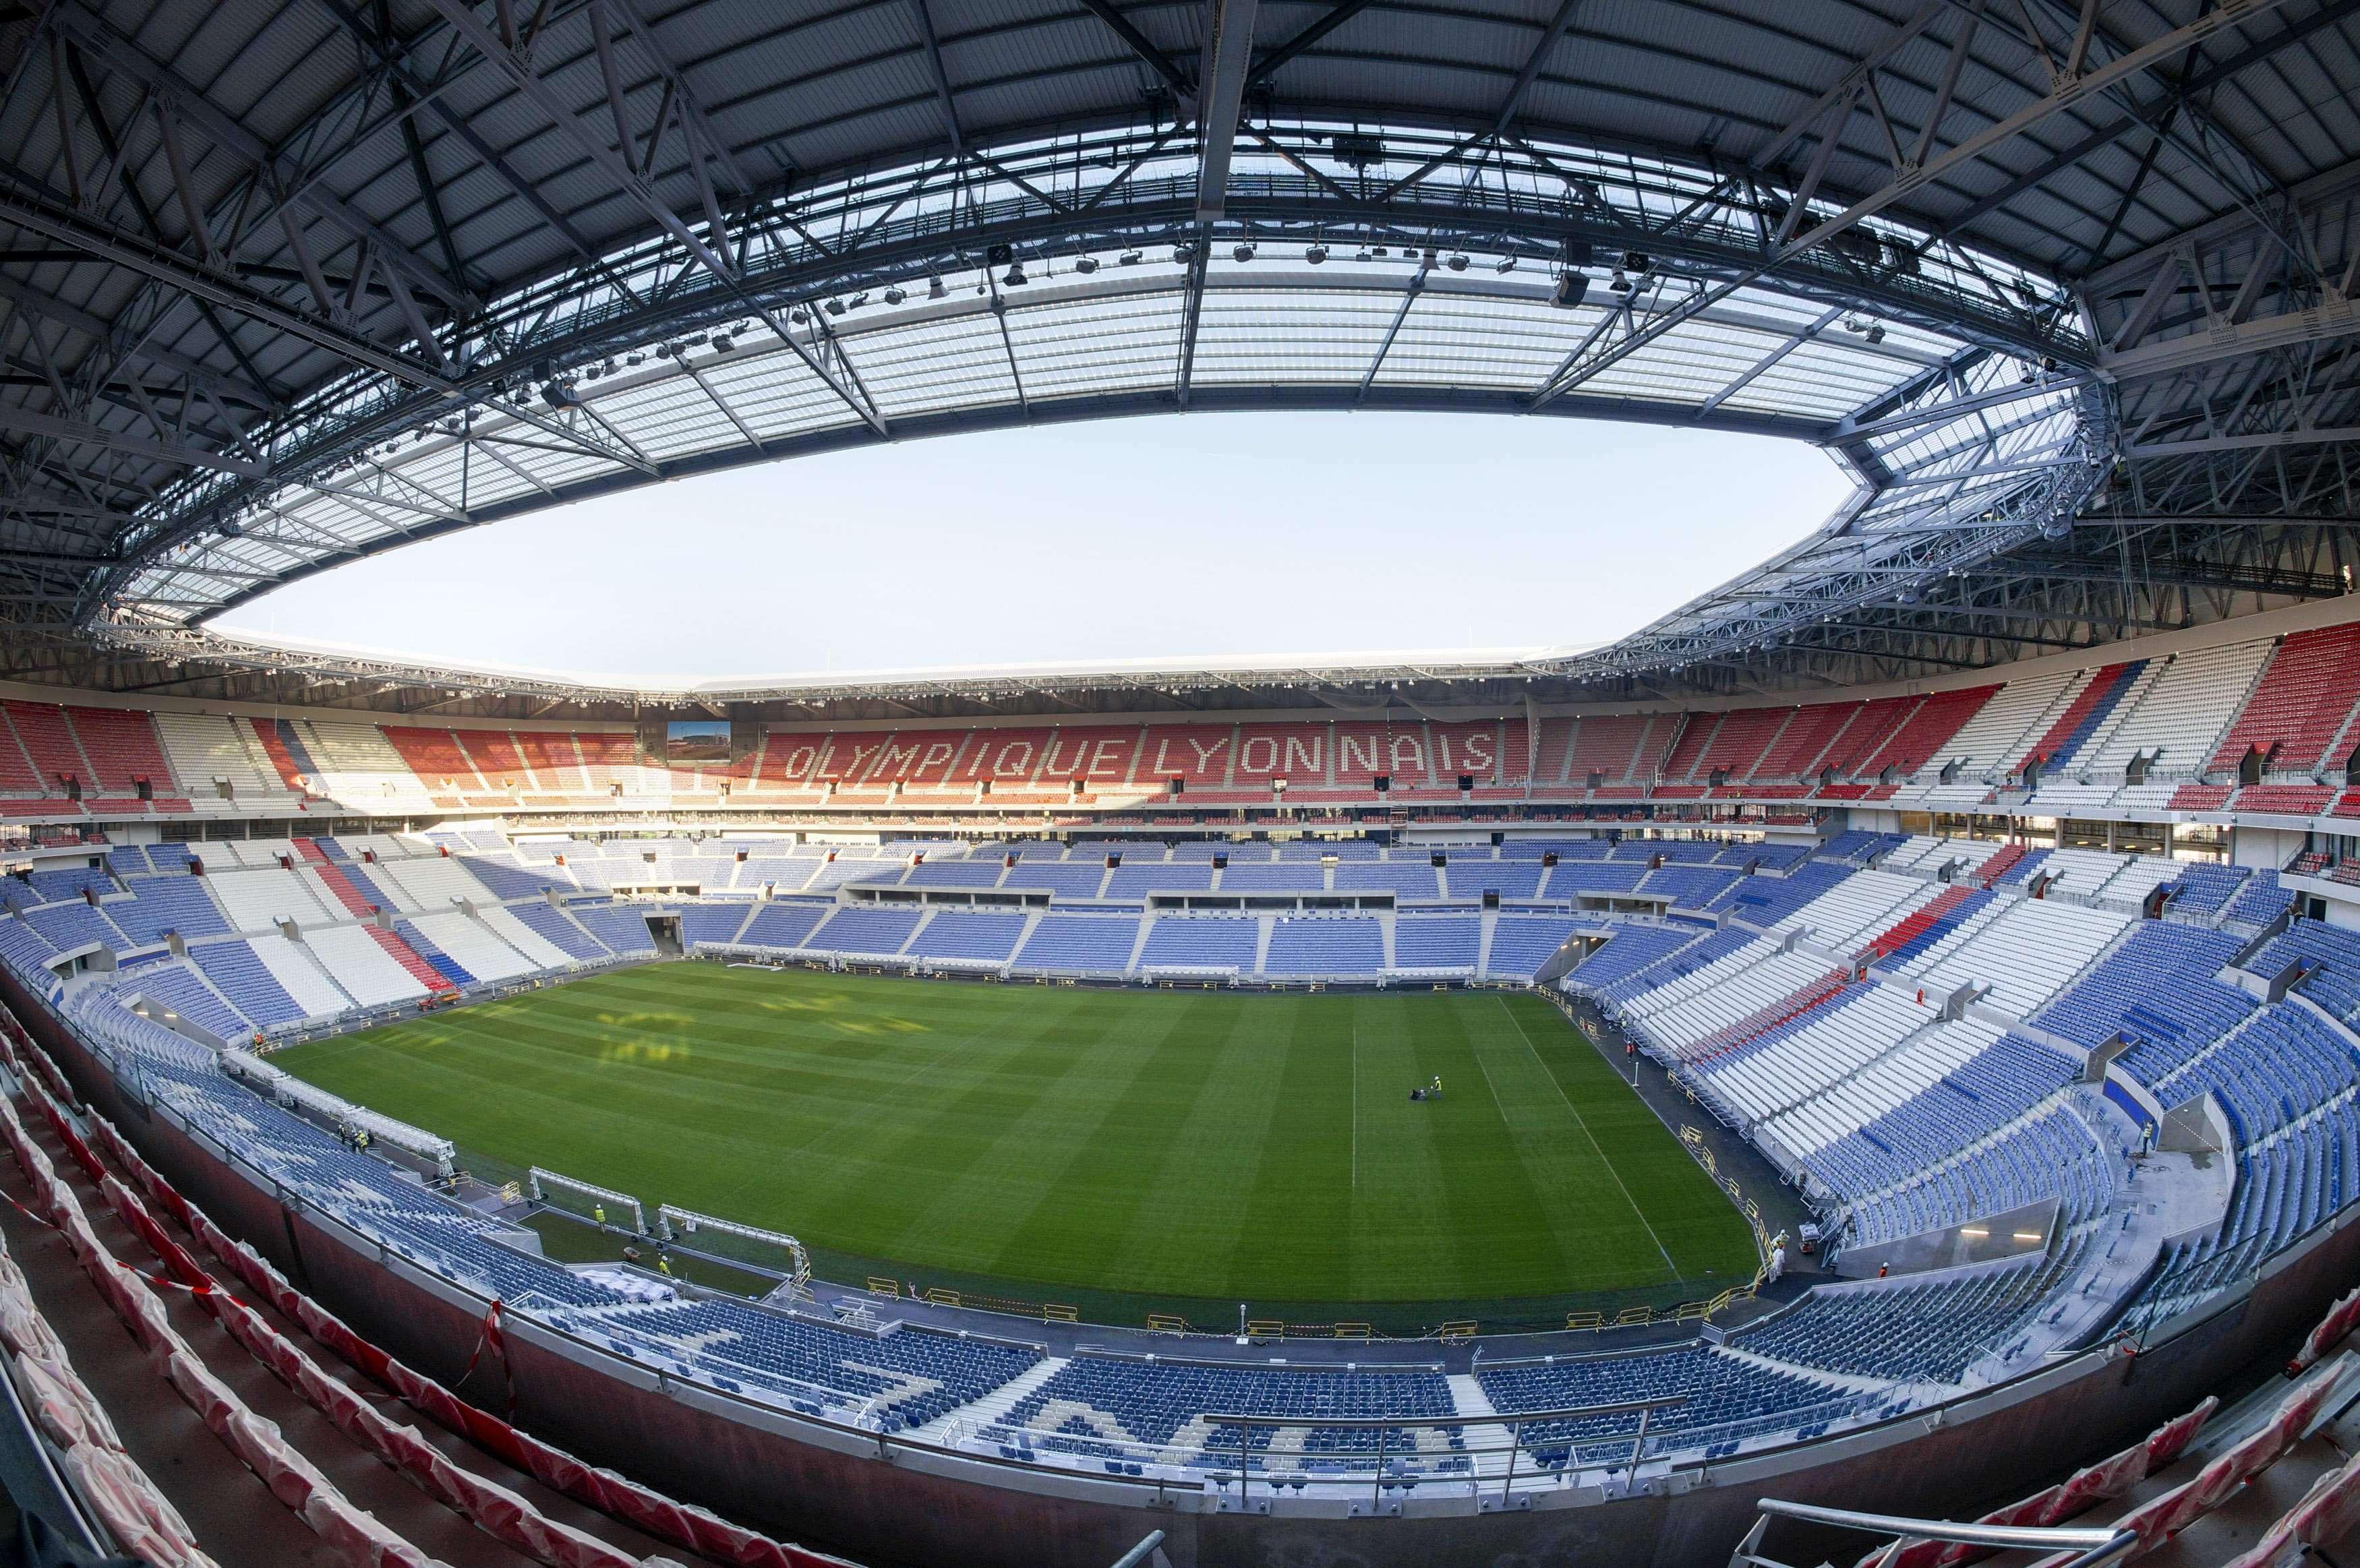 https://cdn.digitalsport.co/wp-content/uploads/2016/01/Olympique-Lyonnais-stadium.jpg